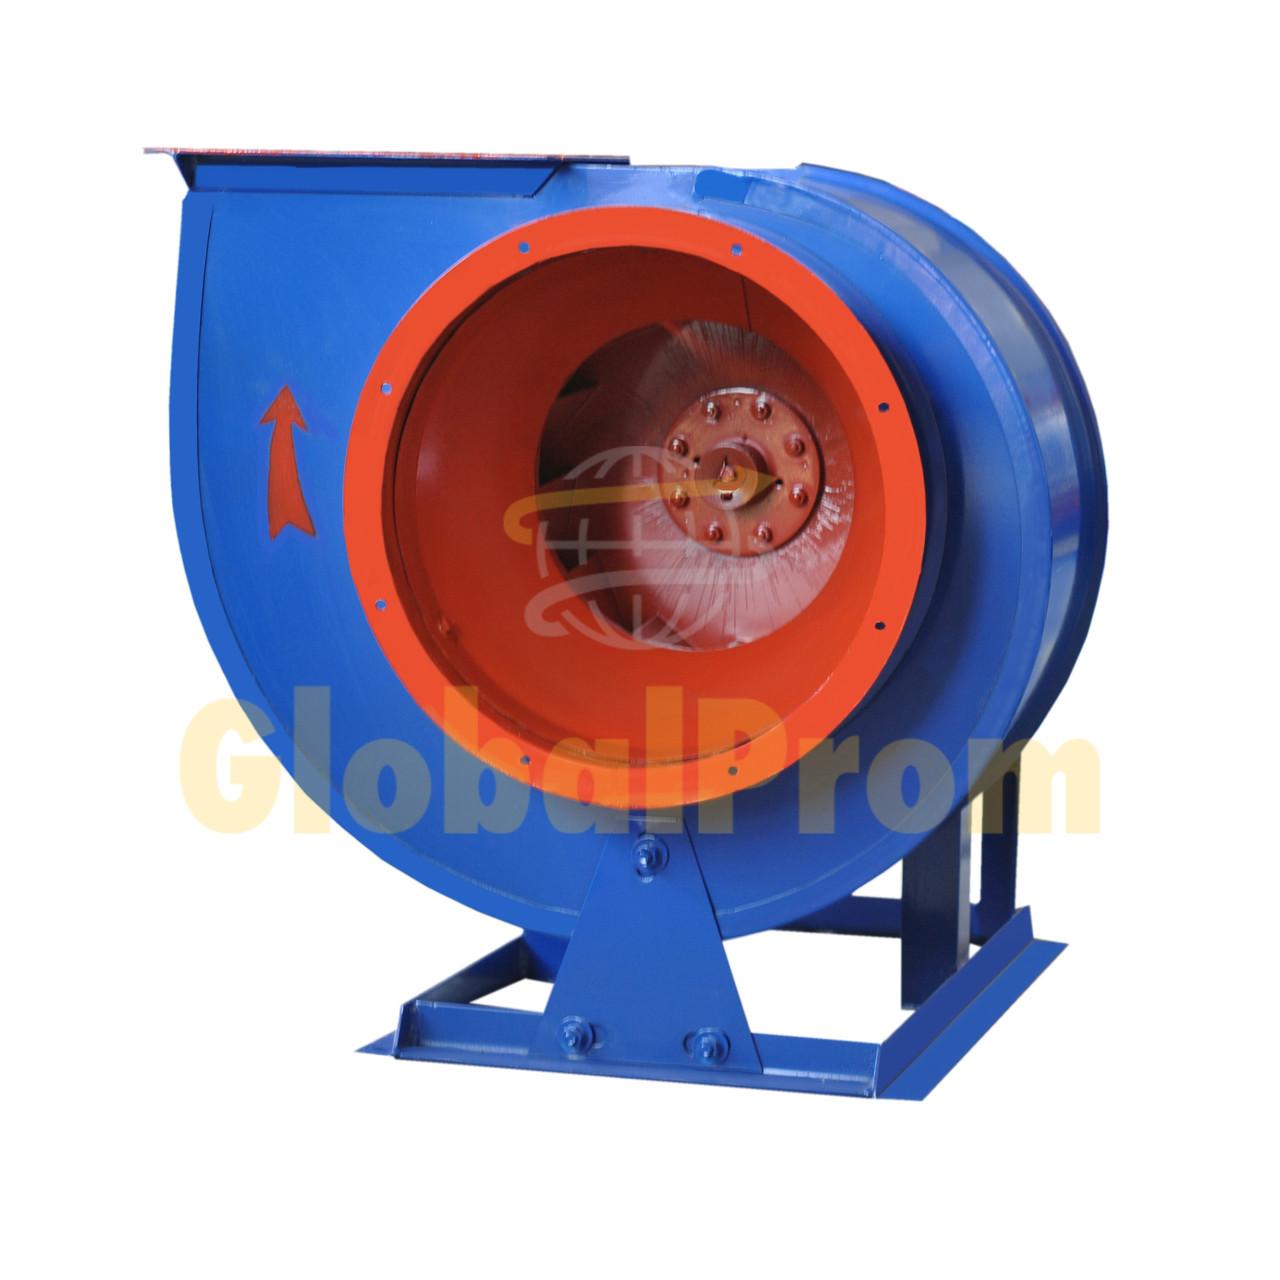 Радиальные вентиляторы низкого давления («улитки») ВЦ 4-75 (ВР 88-72, ВР 89-75, ВР 80-75, ВР 86-77)